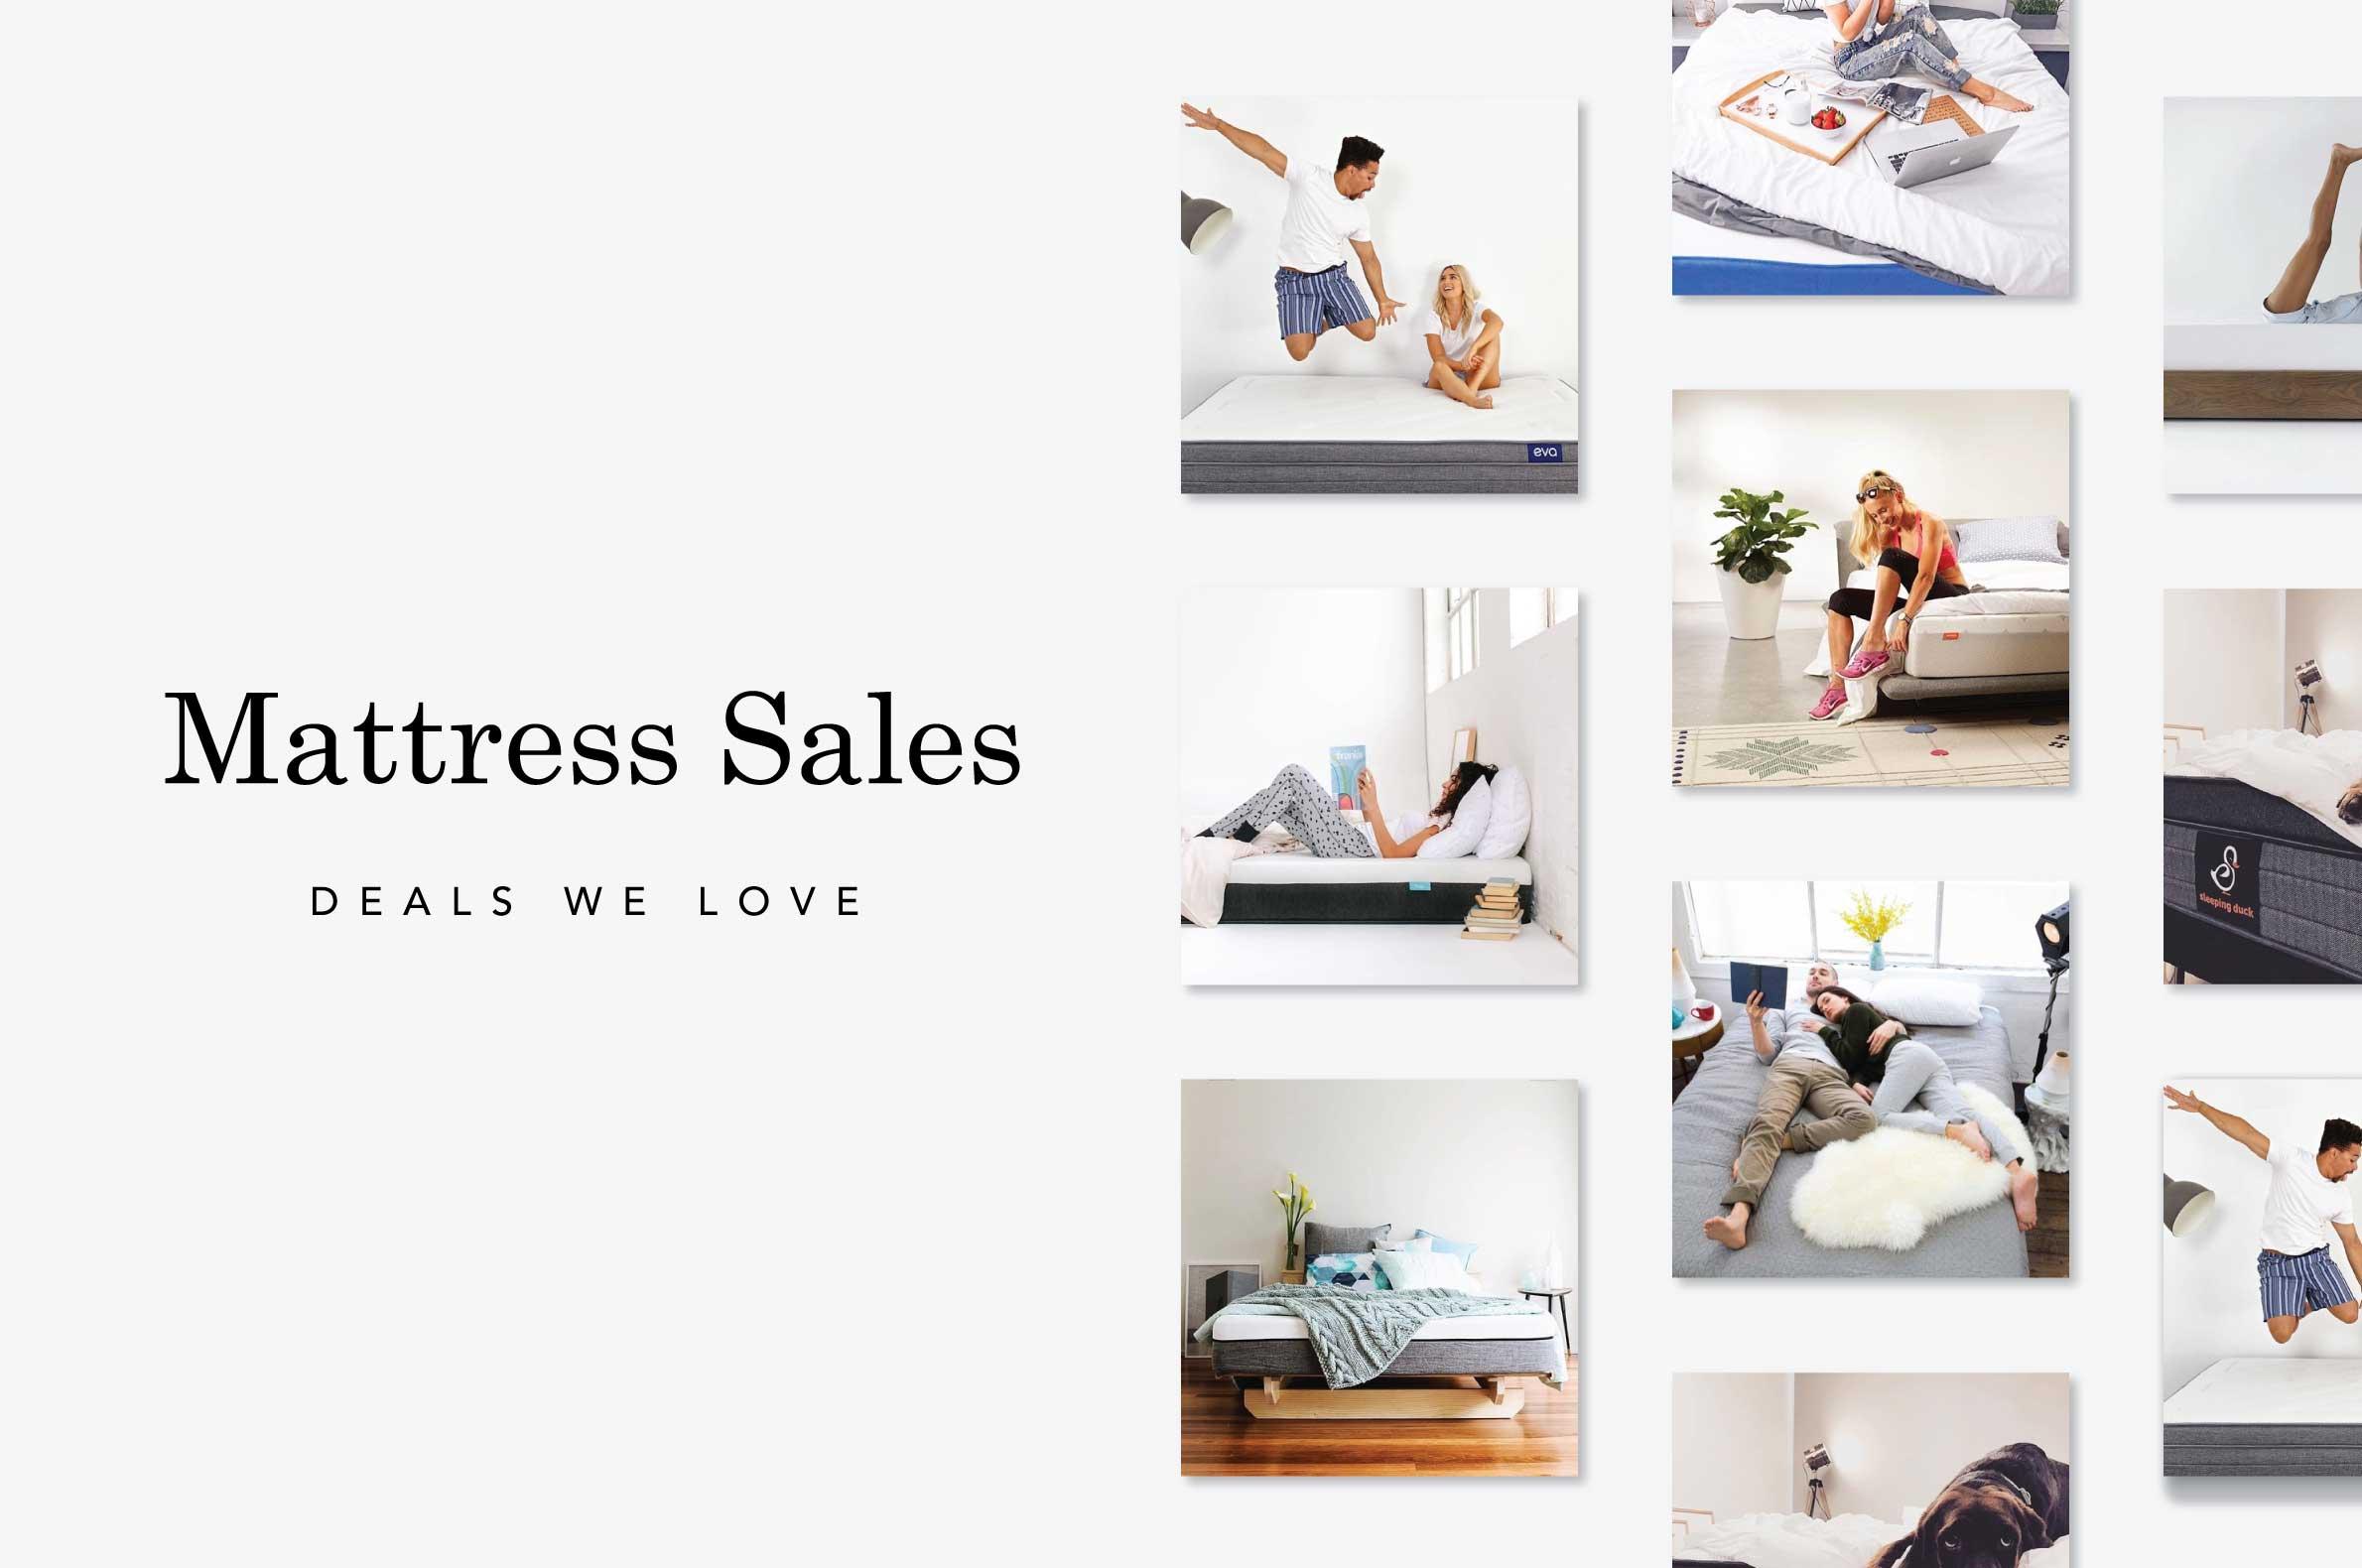 Betterbed mattress deals feature image